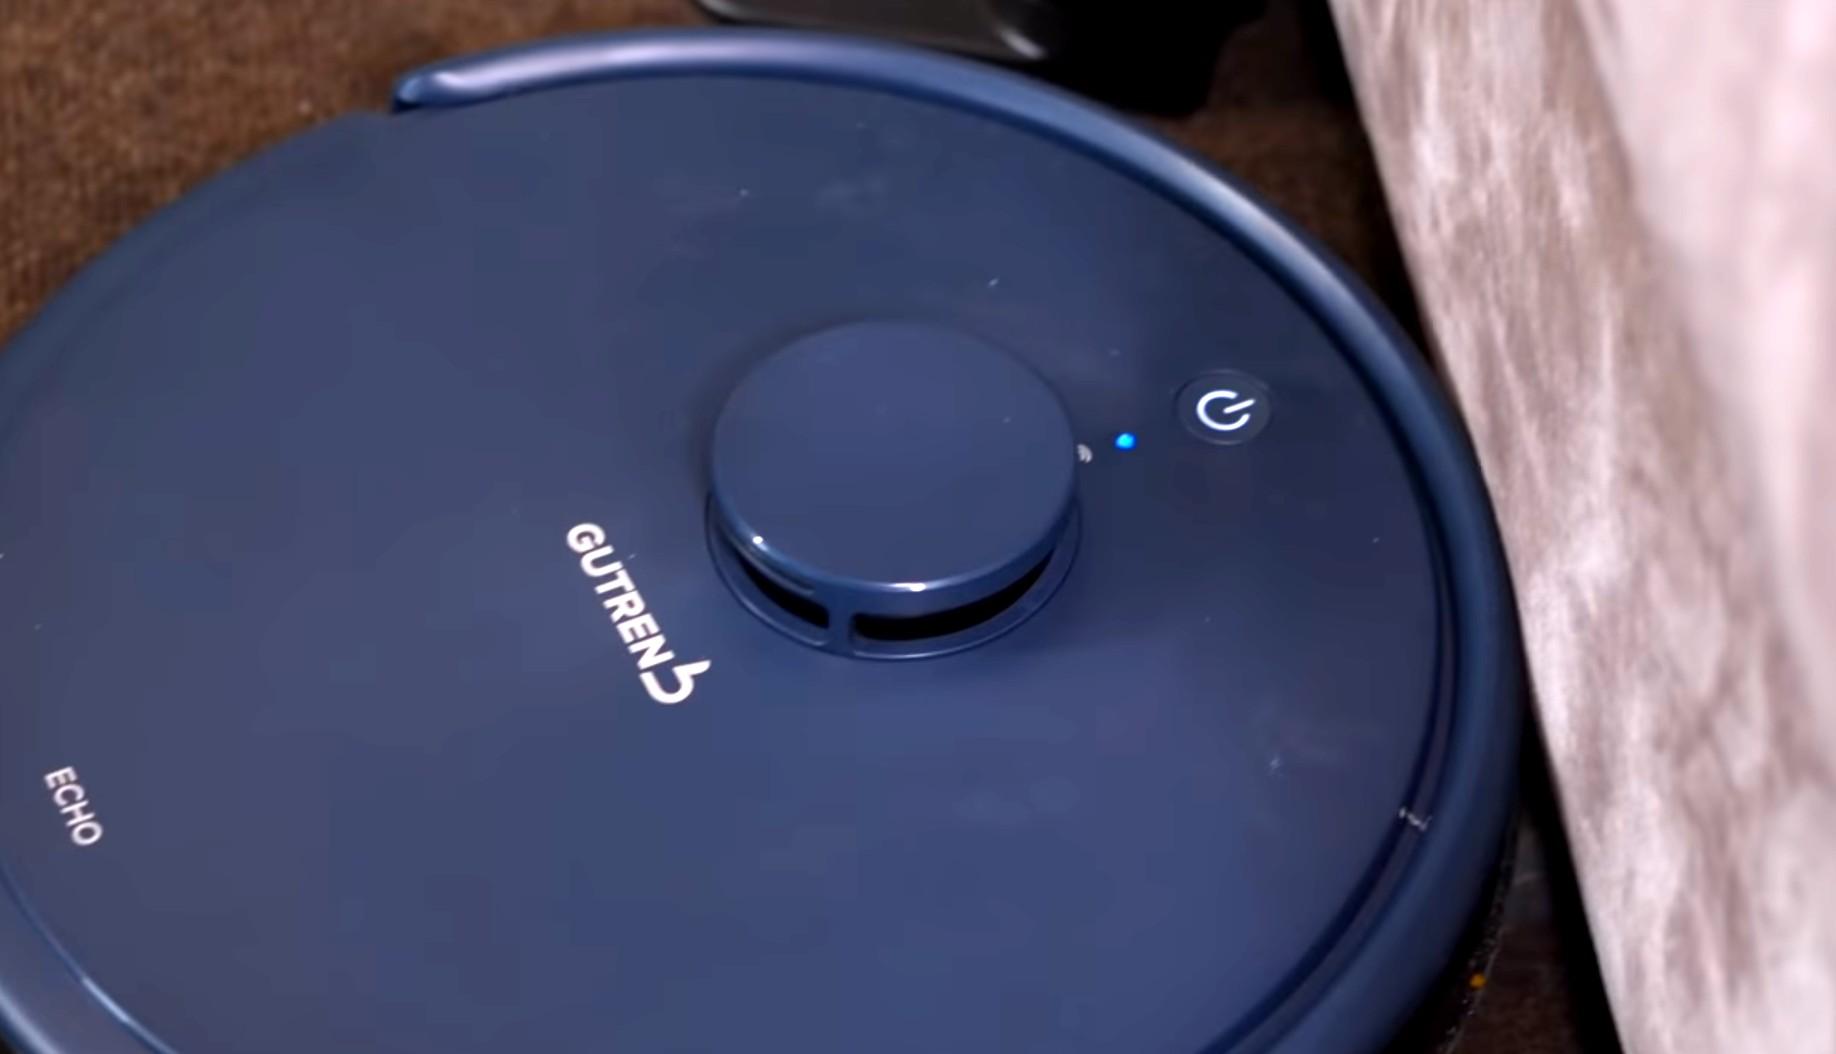 Робот пылесос Gutrend: отзывы